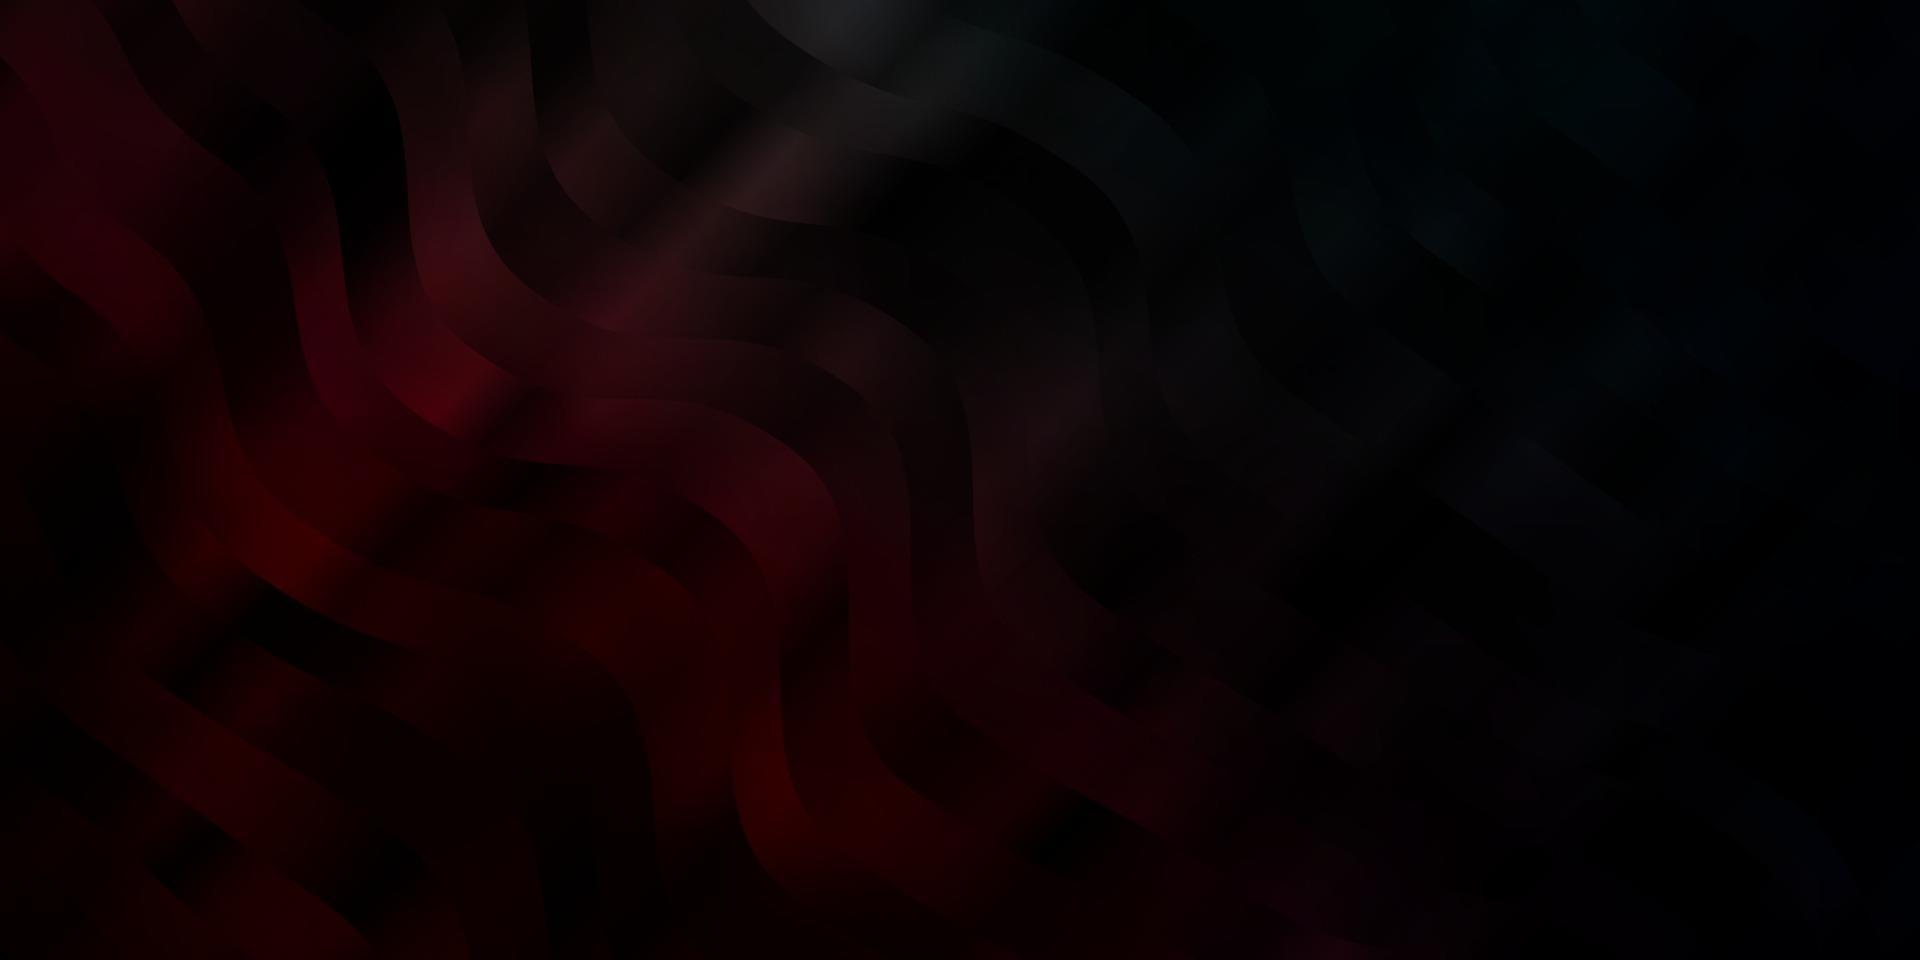 patrón de vector azul oscuro, rojo con líneas torcidas.